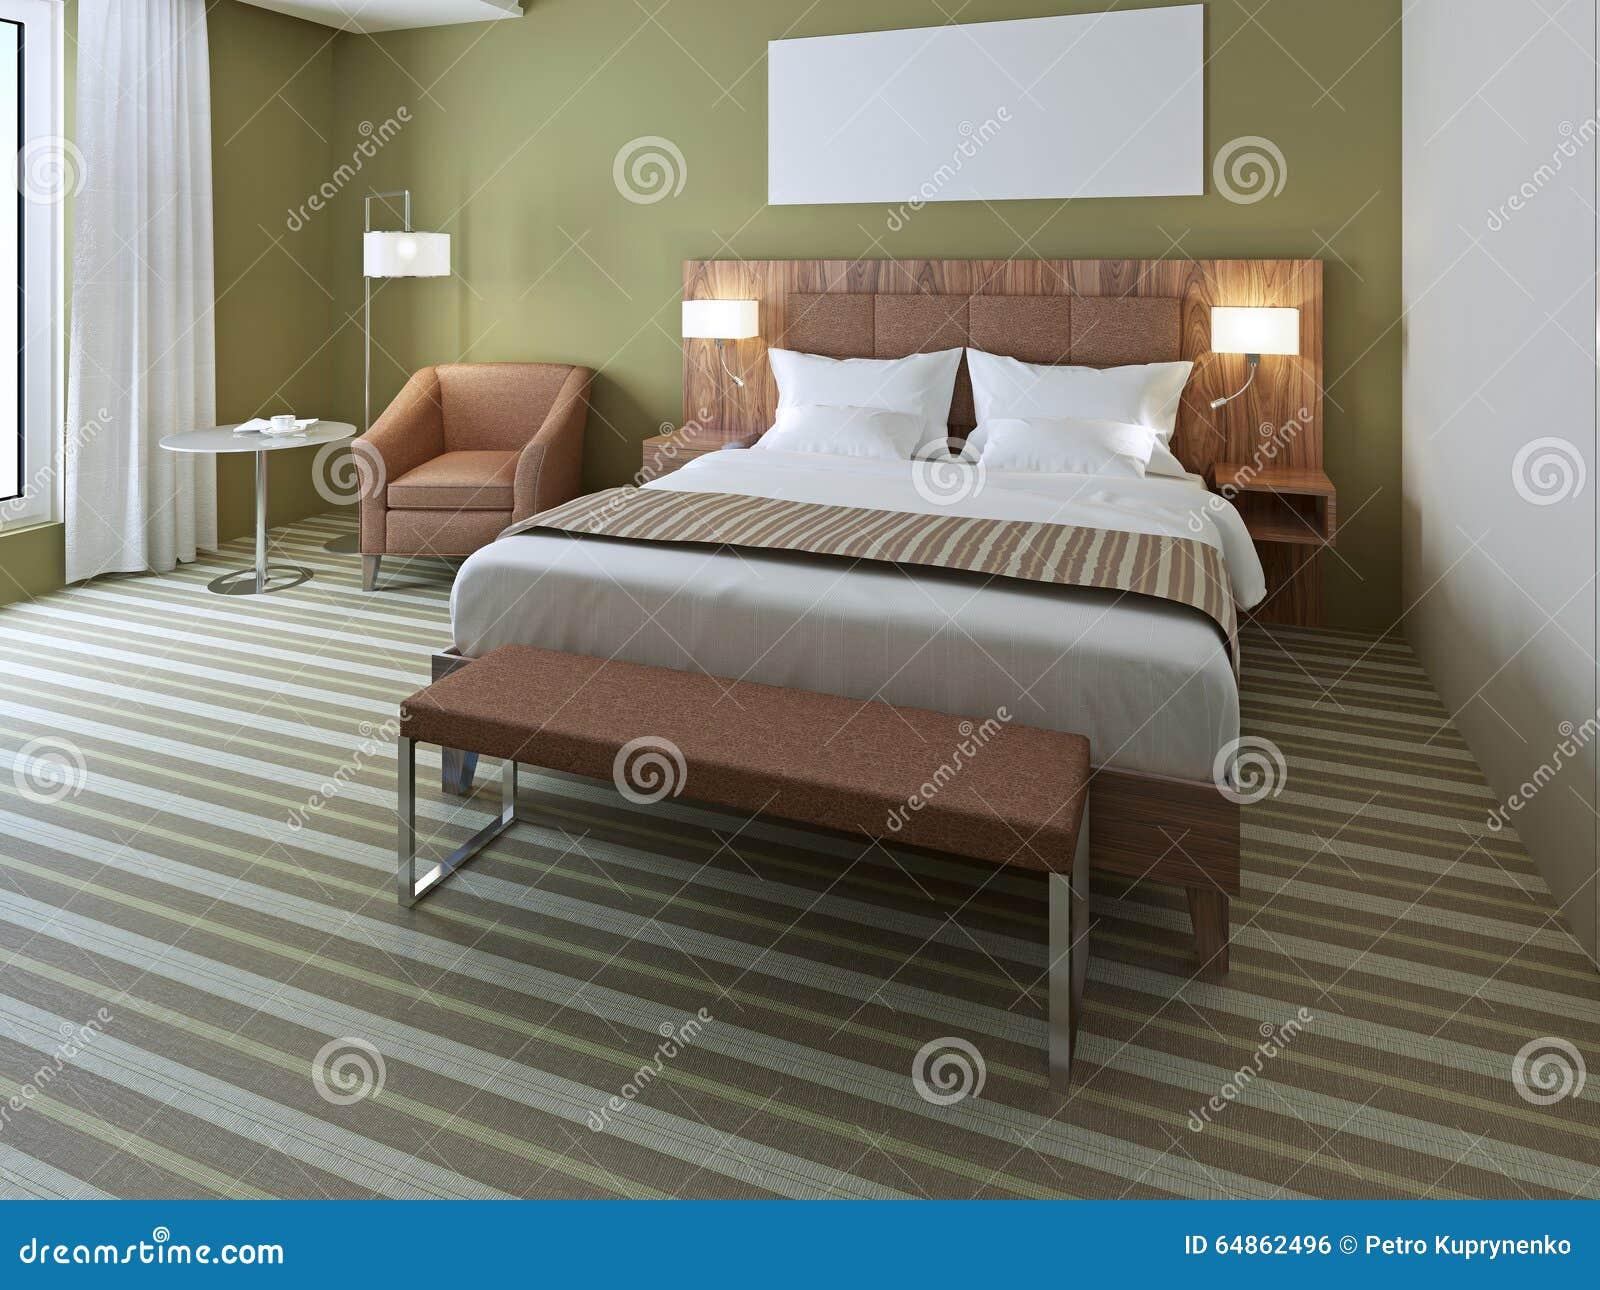 Bello letto matrimoniale in camera da letto verde oliva fotografia stock immagine 64862496 - Camera da letto verde mela ...